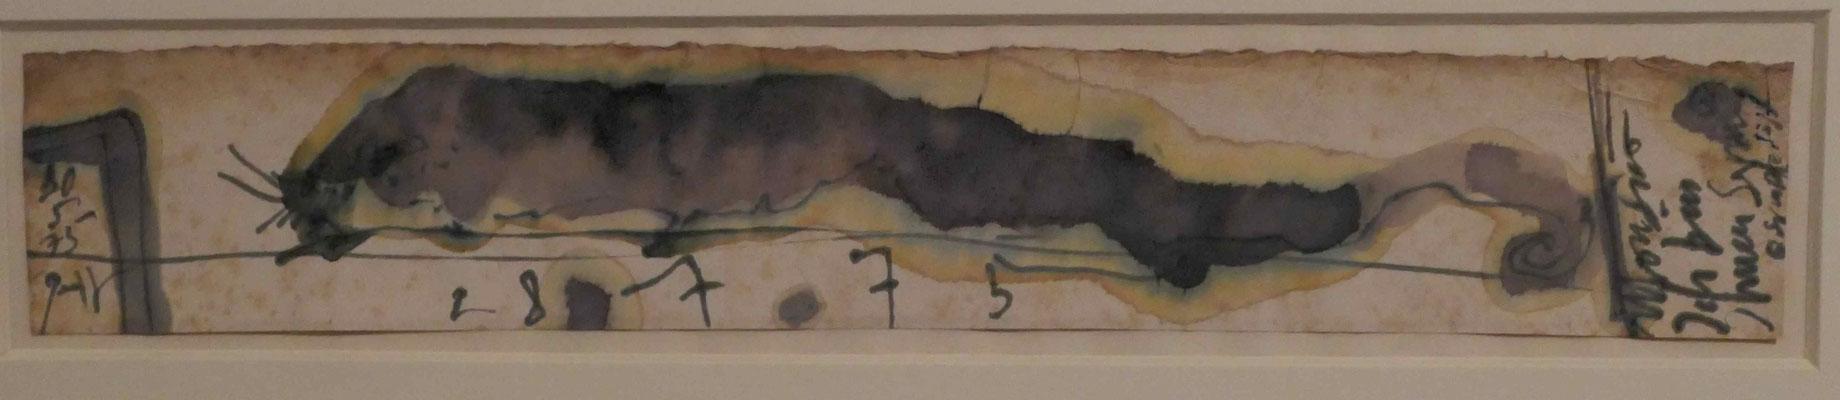 """Horst Janssen, """"Visitenkarte für einen Kriecher"""", Sonderausstellung """"Lebensklekse-Todeszeichen"""", Sammlung Scharf-Gerstenberg, Berlin"""